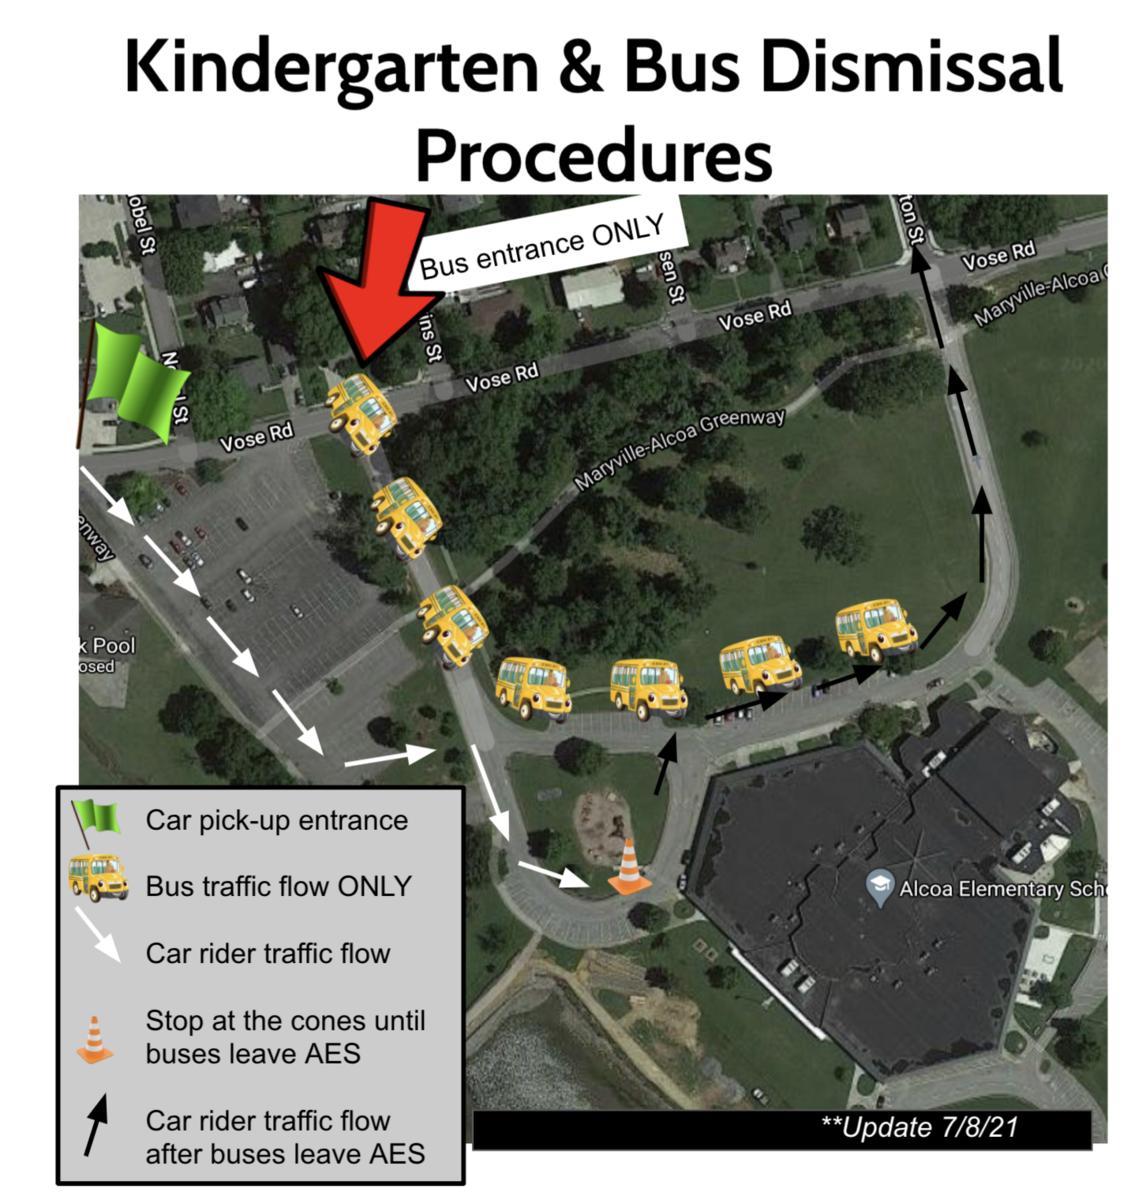 Kindergarten Pick Up and Bus Dismissal Procedure